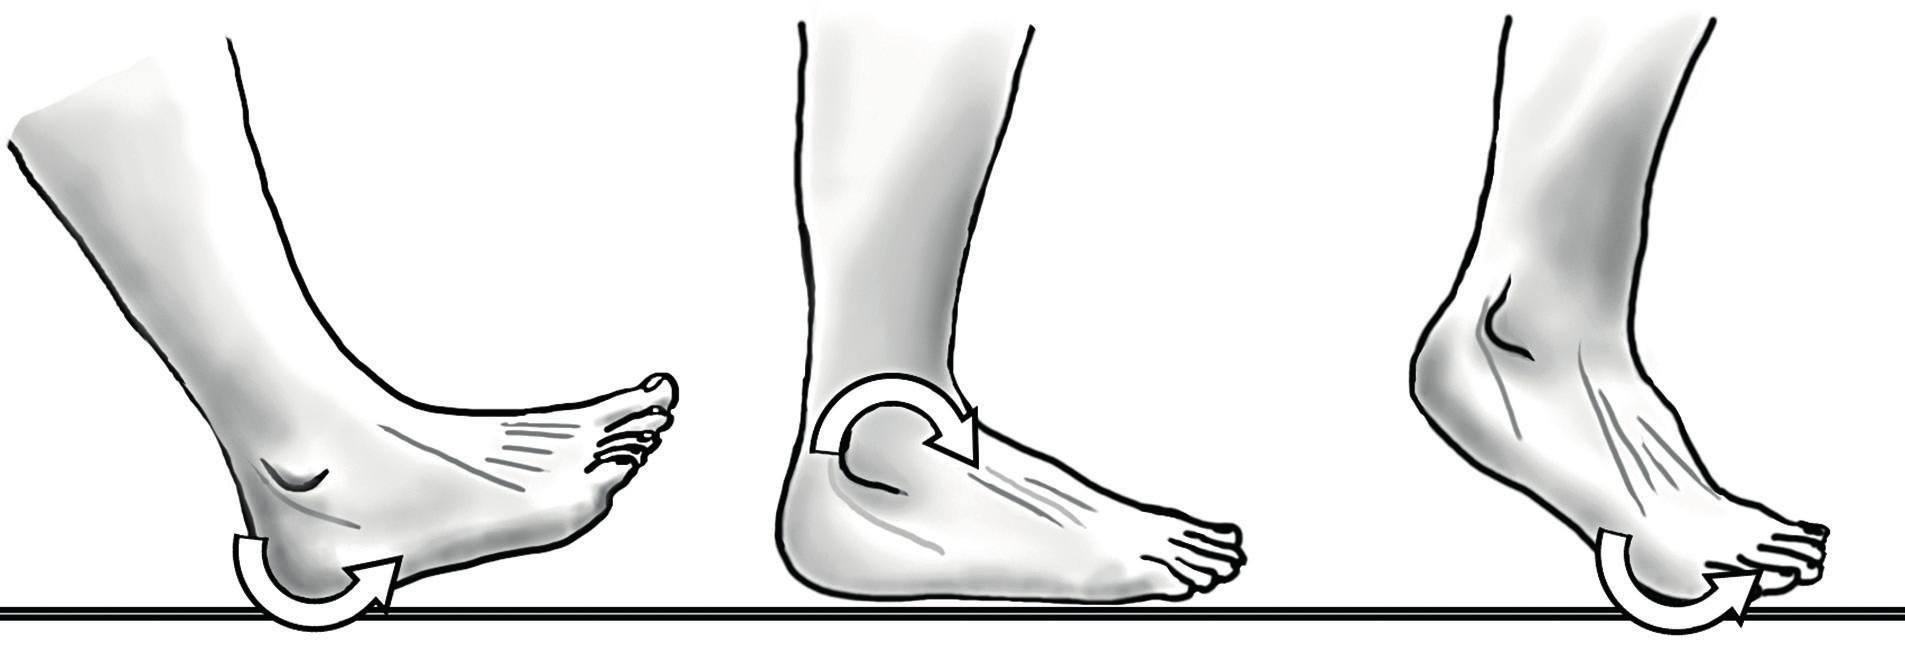 """Model tří kolébek (""""rockers"""") krokového cyklu; první zhoupnutí (patní) – dopad paty při úvodním kontaktu s podložkou; druhé (hlezenní) zhoupnutí – noha je zatížením fixována k podložce, bérec se vzhledem k ní posunuje vpřed; třetí zhoupnutí (kolem hlaviček MTT) – bérec se i nadále pohybuje vpřed, zvedá se pata, dochází k dorzální flexi přednoží a plantární flexi v hleznu."""